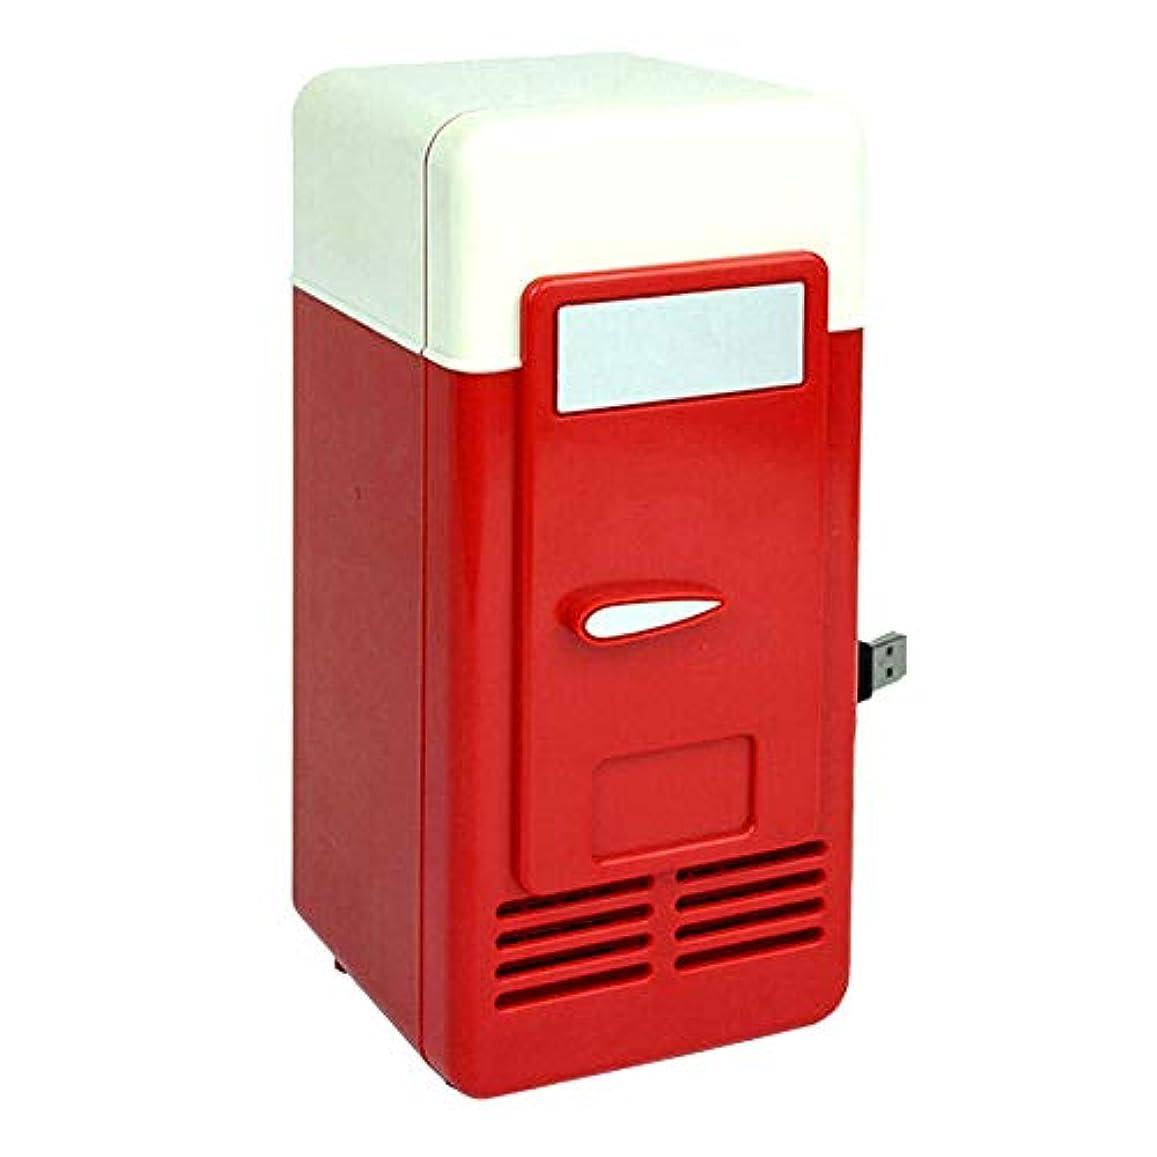 ロシア領収書郵便番号RETYLY USBミニ冷蔵庫コールドドロップドッピング冷凍庫USBミニ冷蔵庫小型ポータブルソーダミニ冷蔵庫 カー用レッド